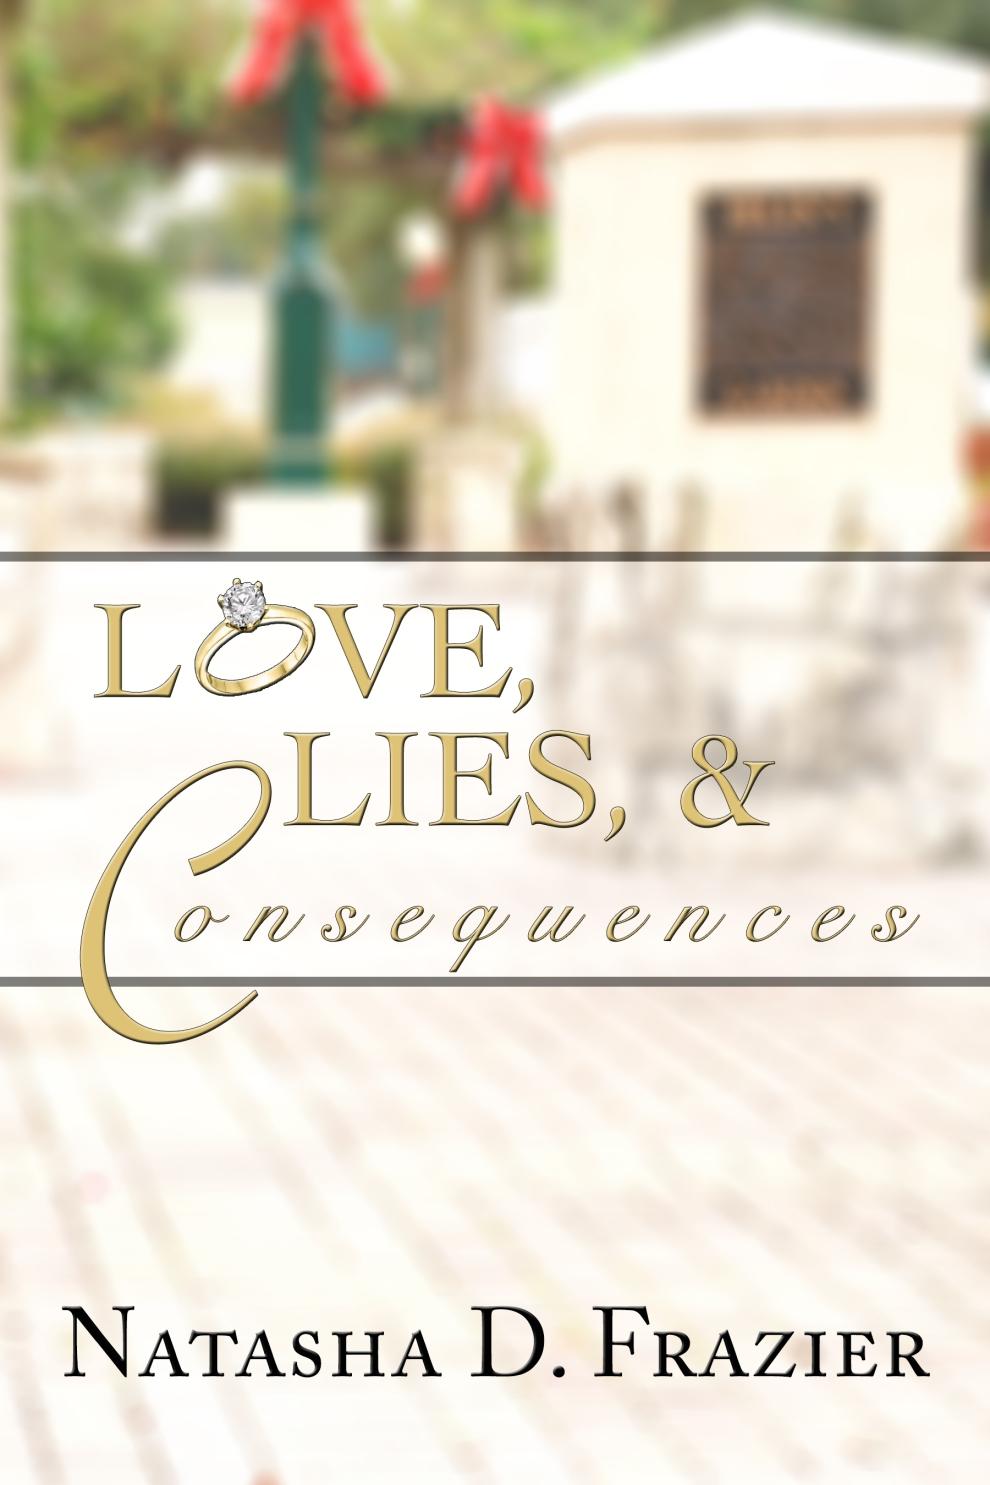 loveliescons[9576].jpg